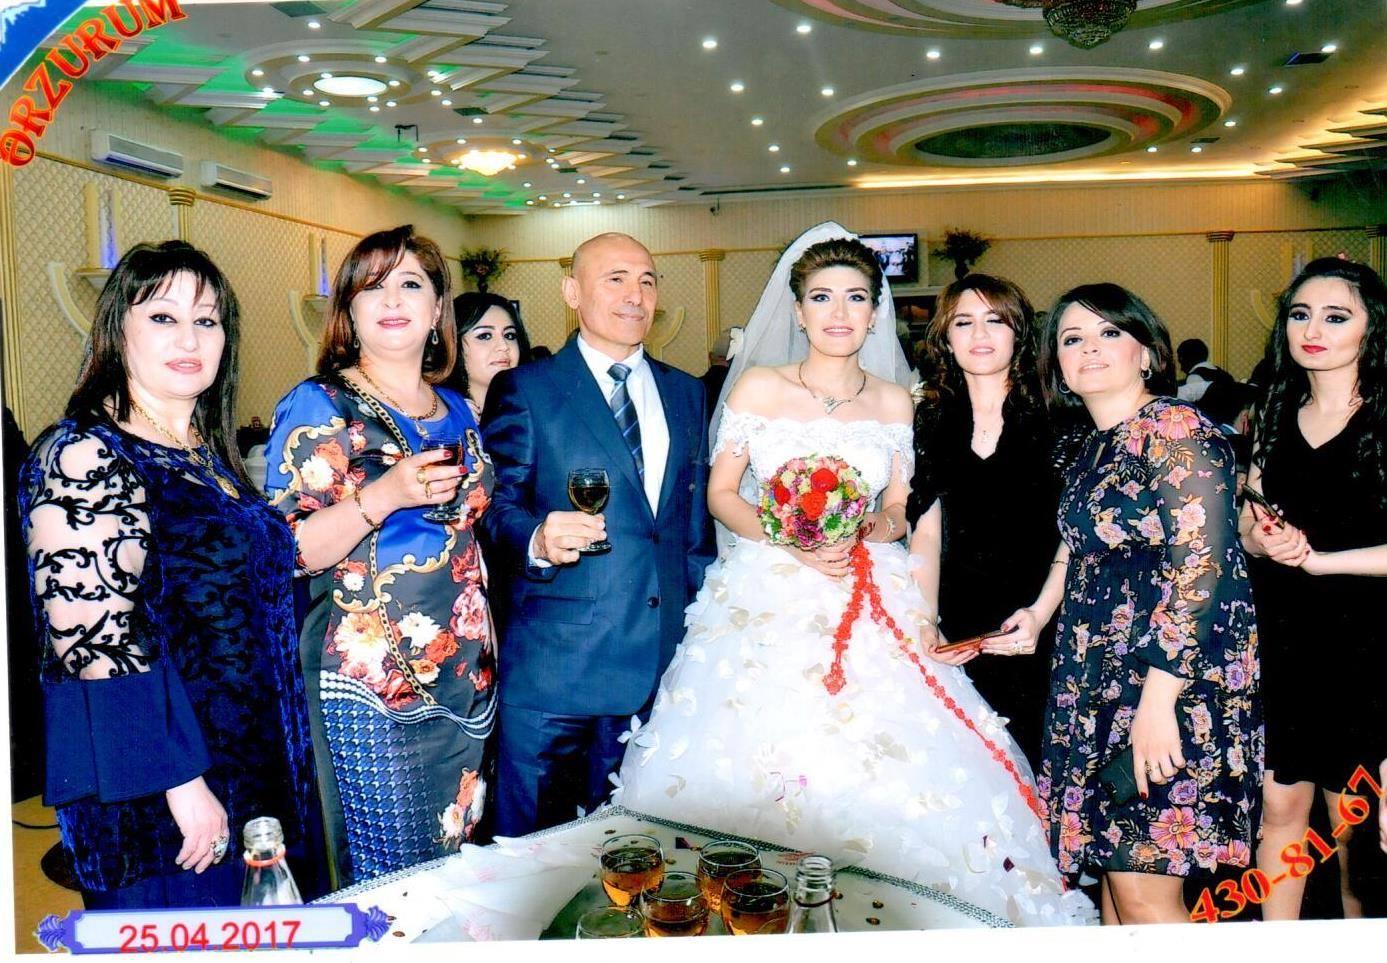 Özündən 28 yaş kiçik xanımla evlənən 60 yaşlı polkovnikin toyundan - YENİ FOTOLAR YAYILDI